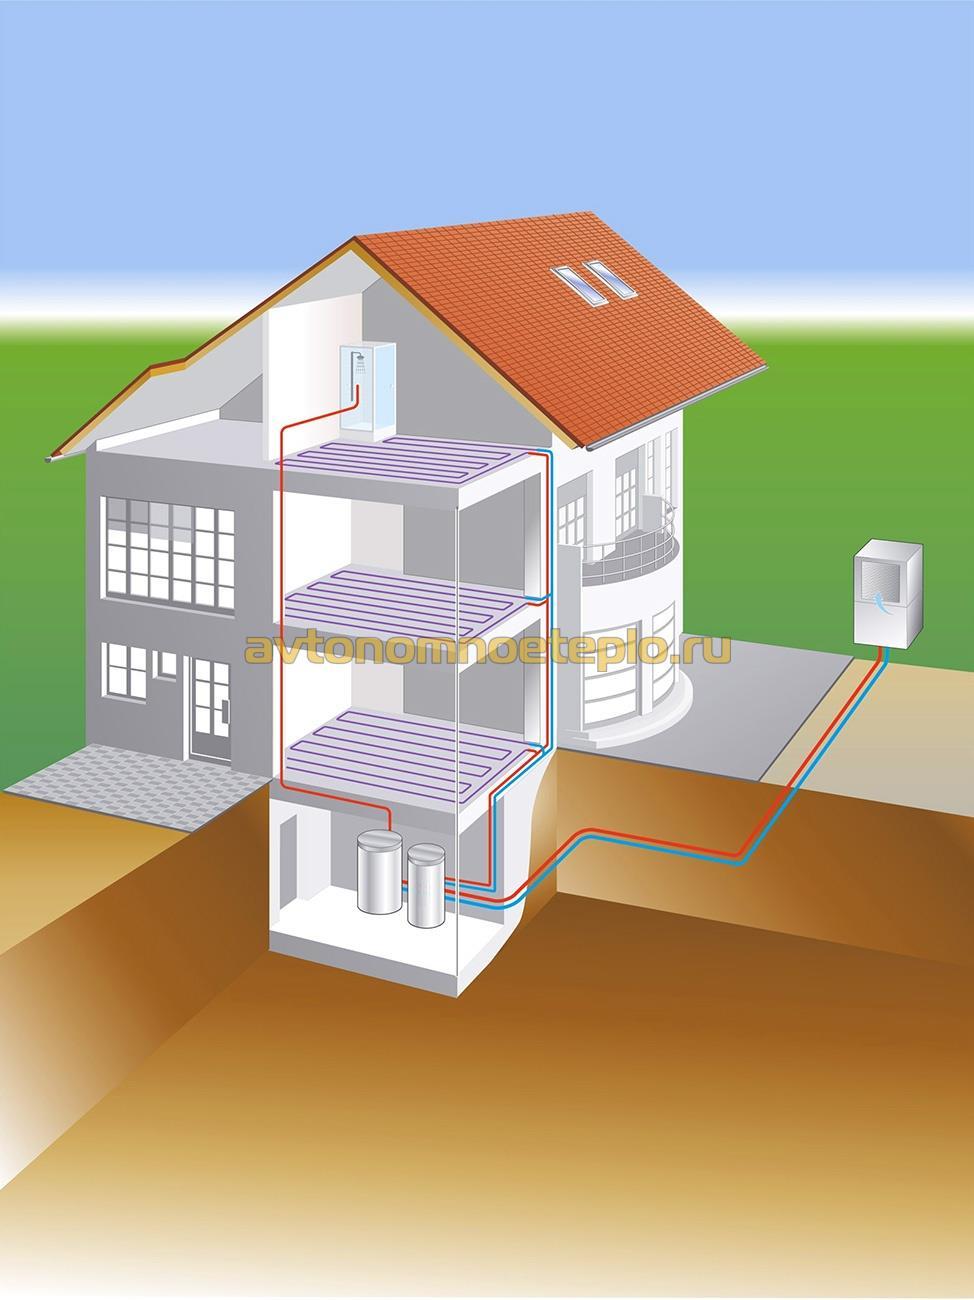 Тепловой насос своими руками: система для отопления дома 44